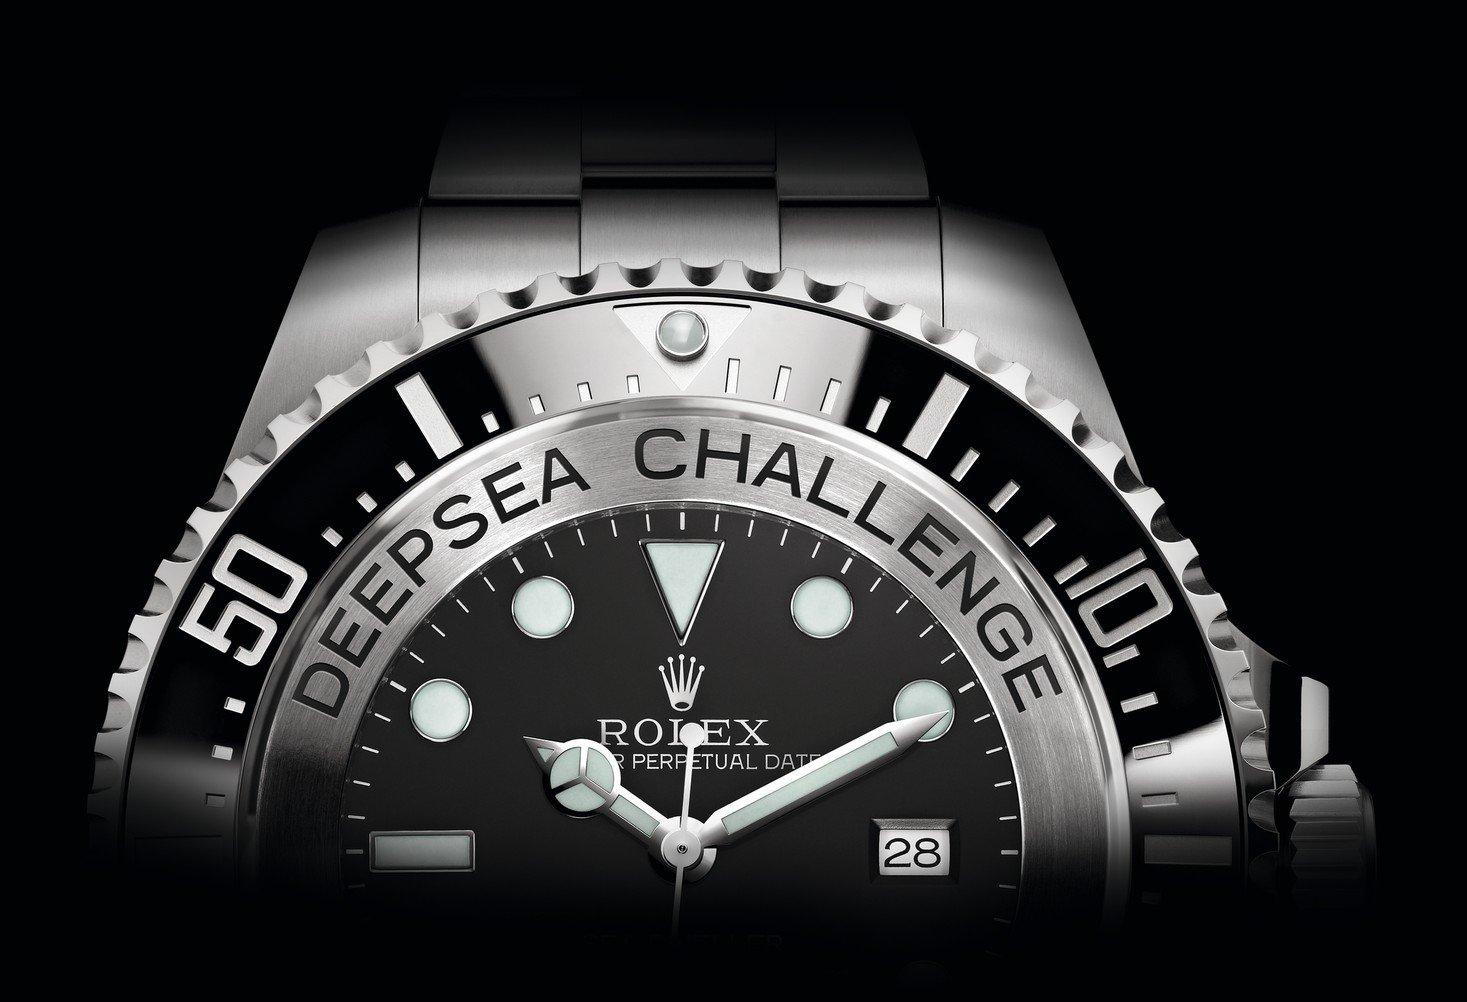 04_Rolex_Deepsea_Challenge